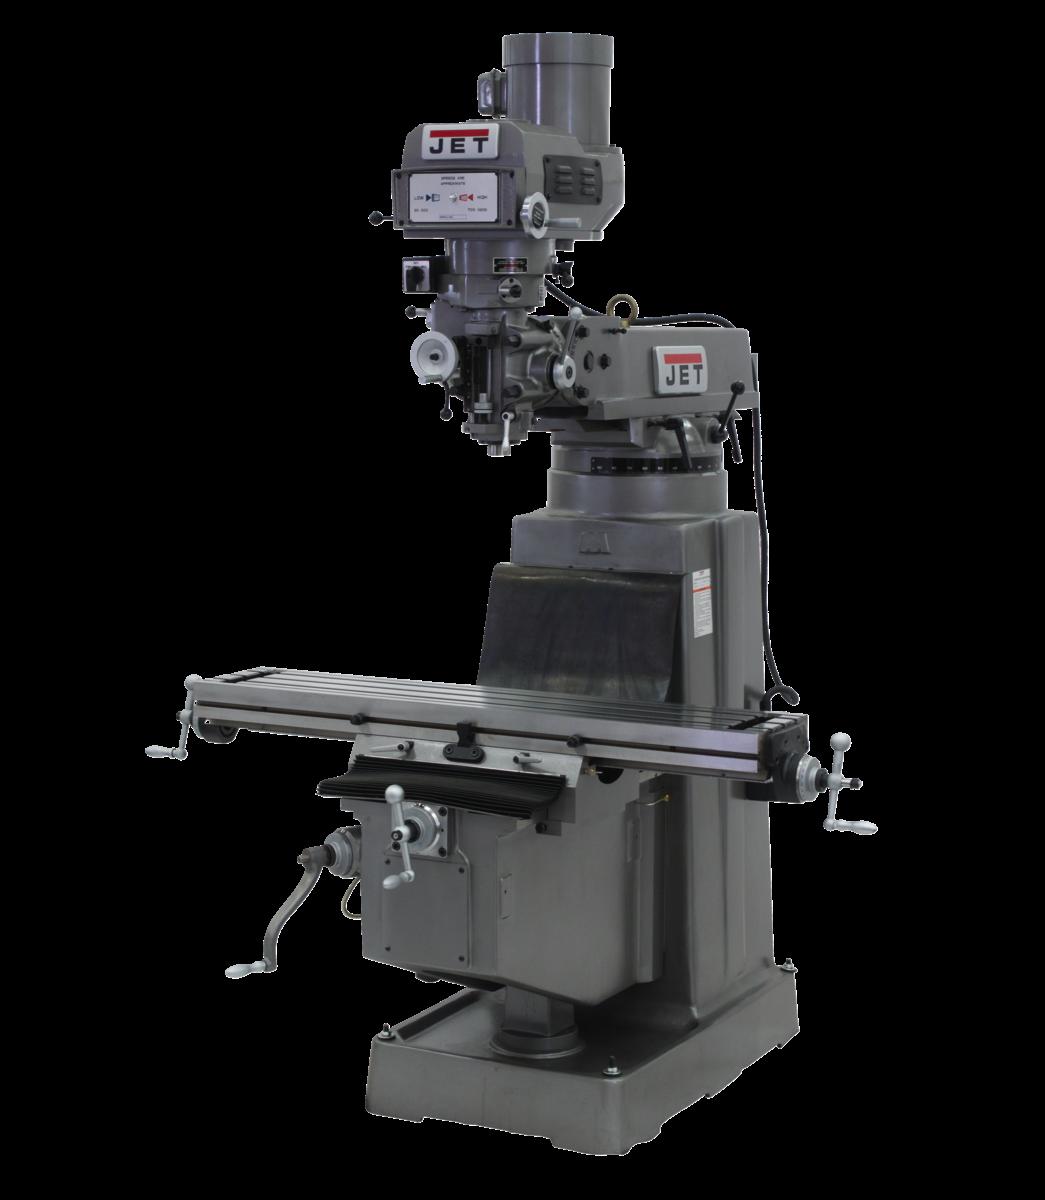 Fresadora JTM-1050 con visualizador de posición digital DP700 y barra de tracción a aire